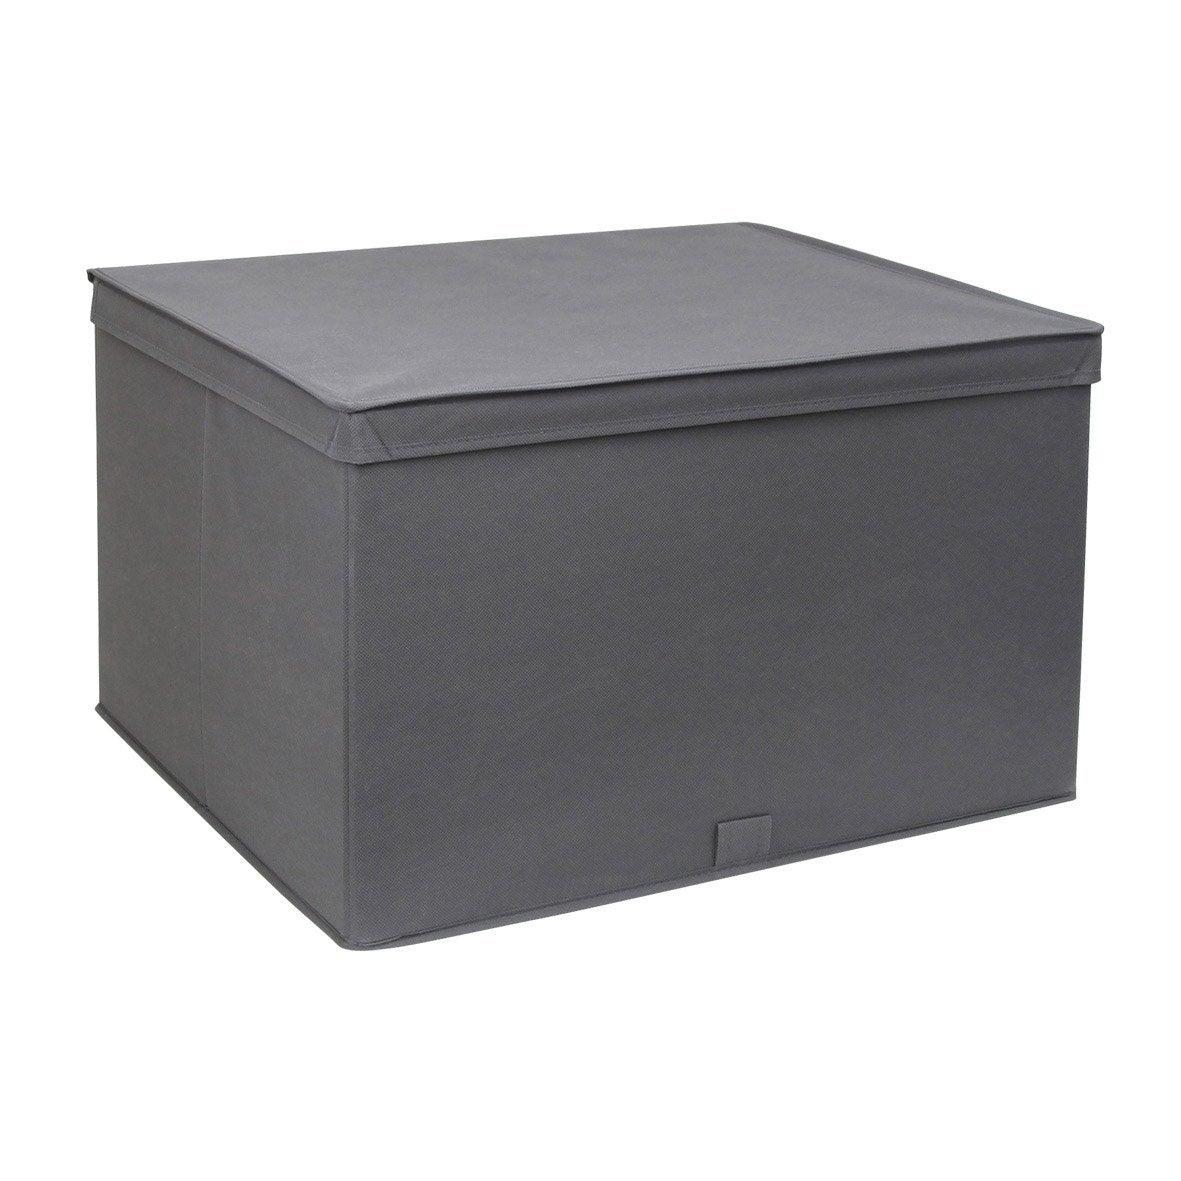 design de qualité c6140 9559b Boîte de rangement avec couvercle tissu SPACEO gris H.32.5 x l.54.5 x  P.43.5 cm